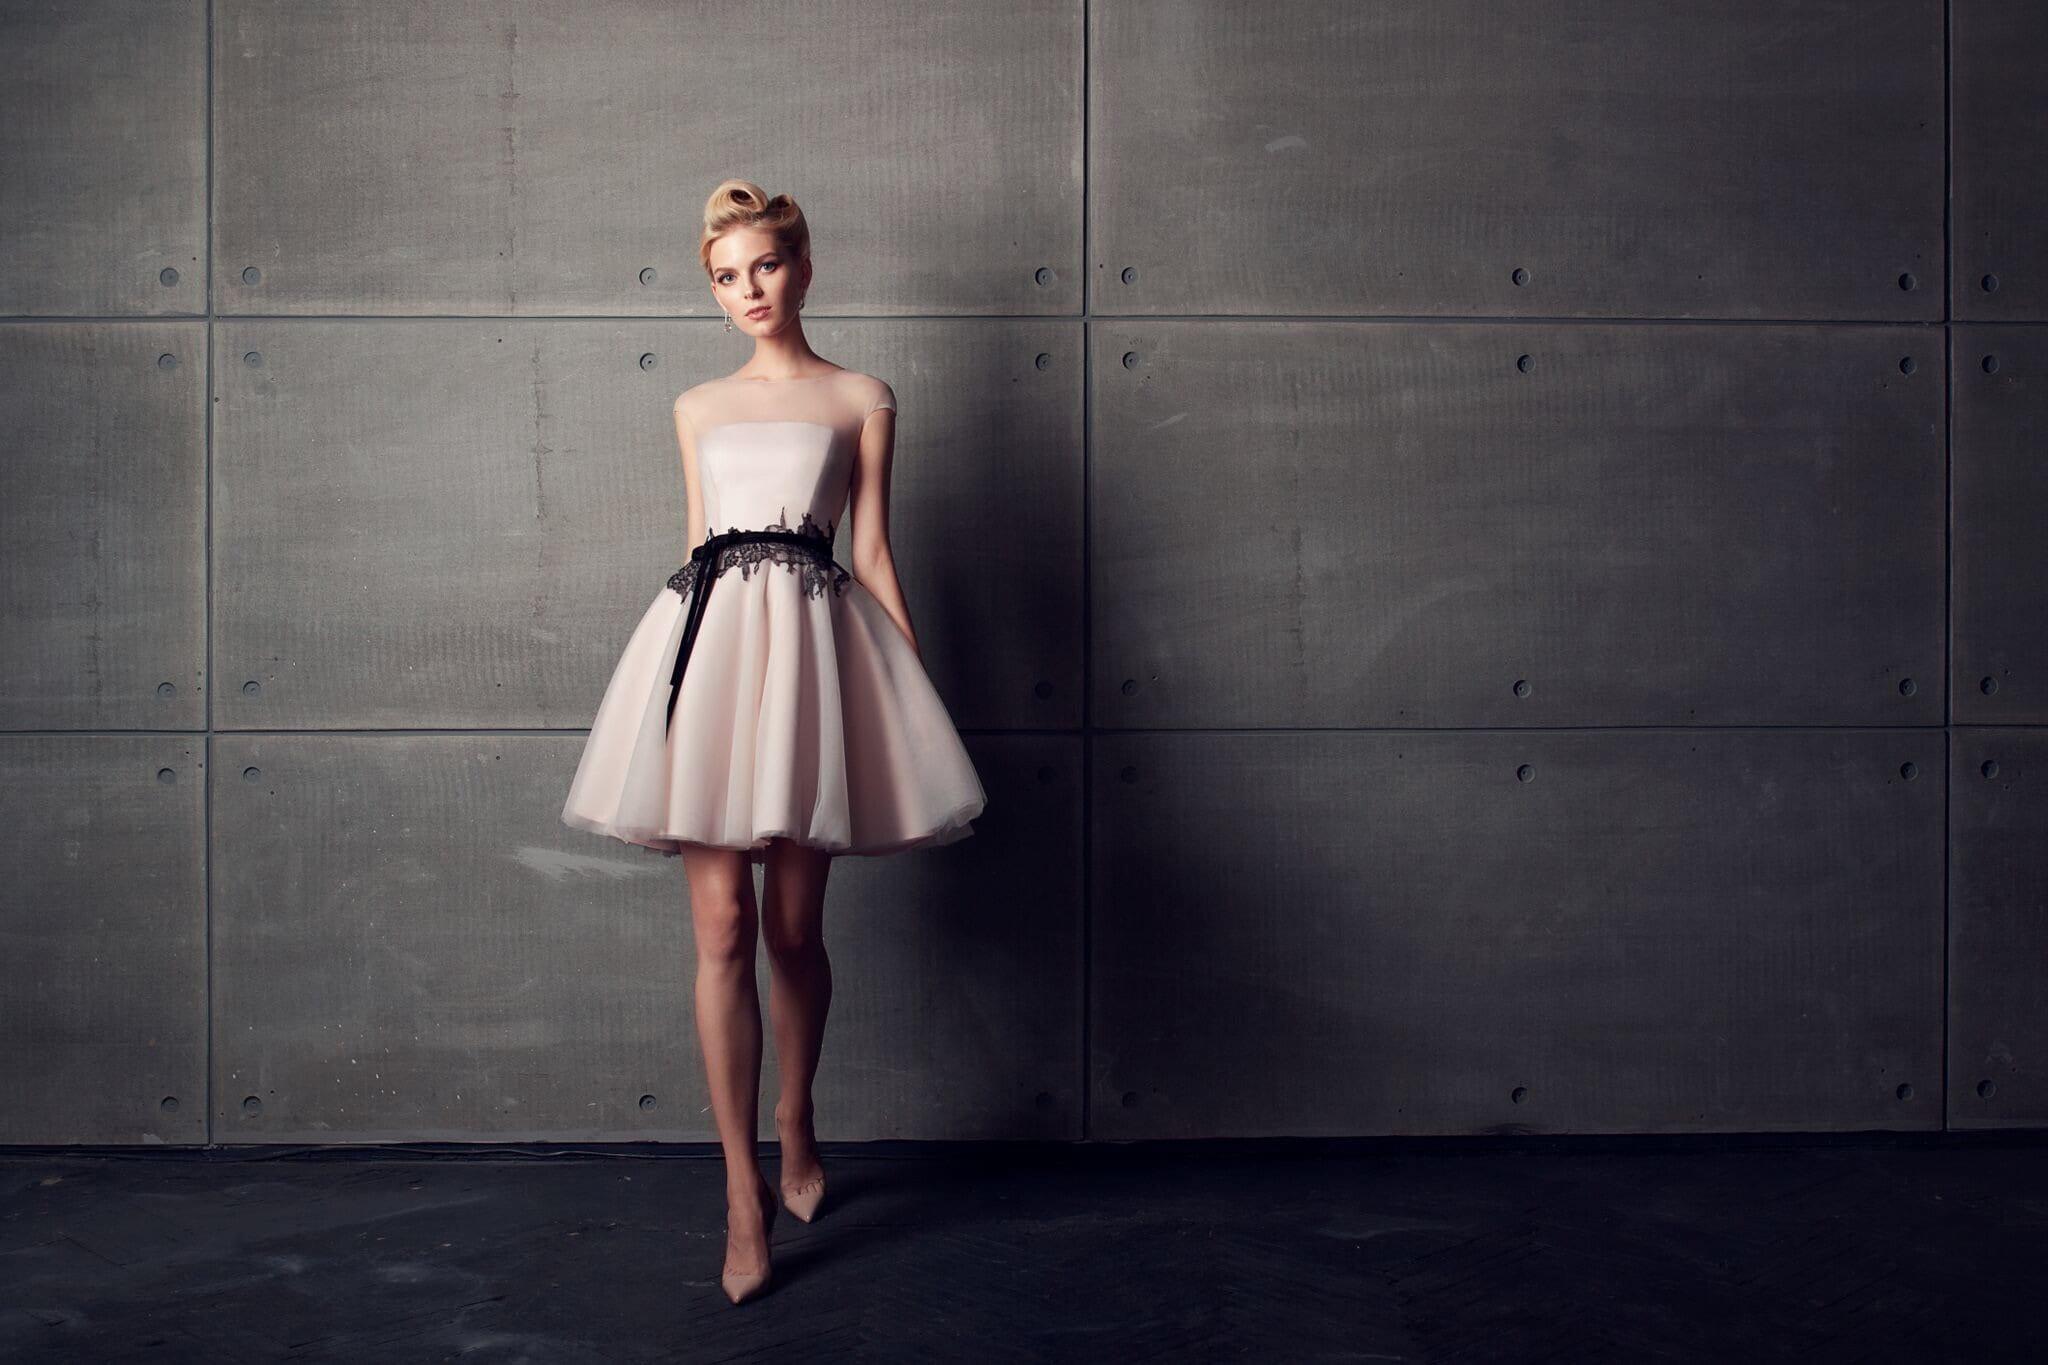 Short Beige Lace Bridesmaid Dresses: Short Wedding Dress Beige Wedding Dress Boho Wedding Dress